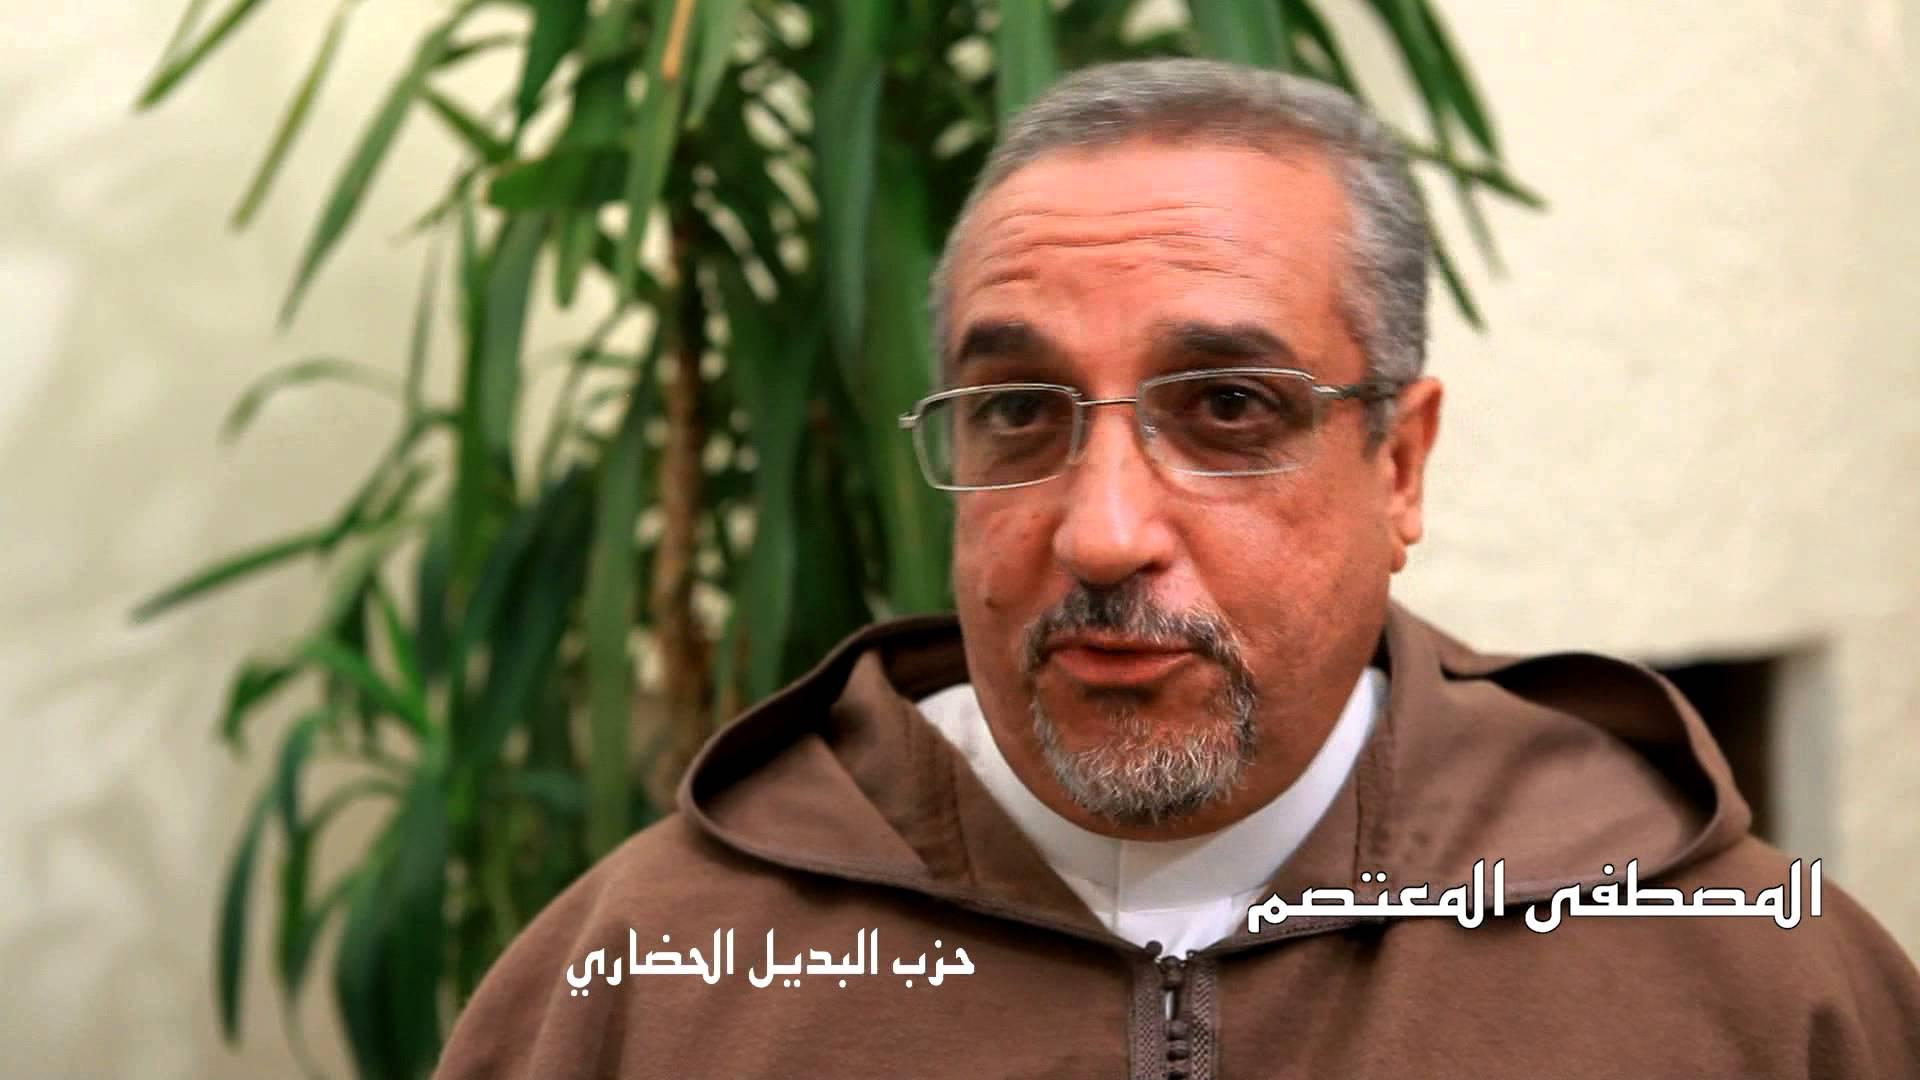 تصريح ذ. المعتصم إثر وفاة الإمام المجدد ياسين